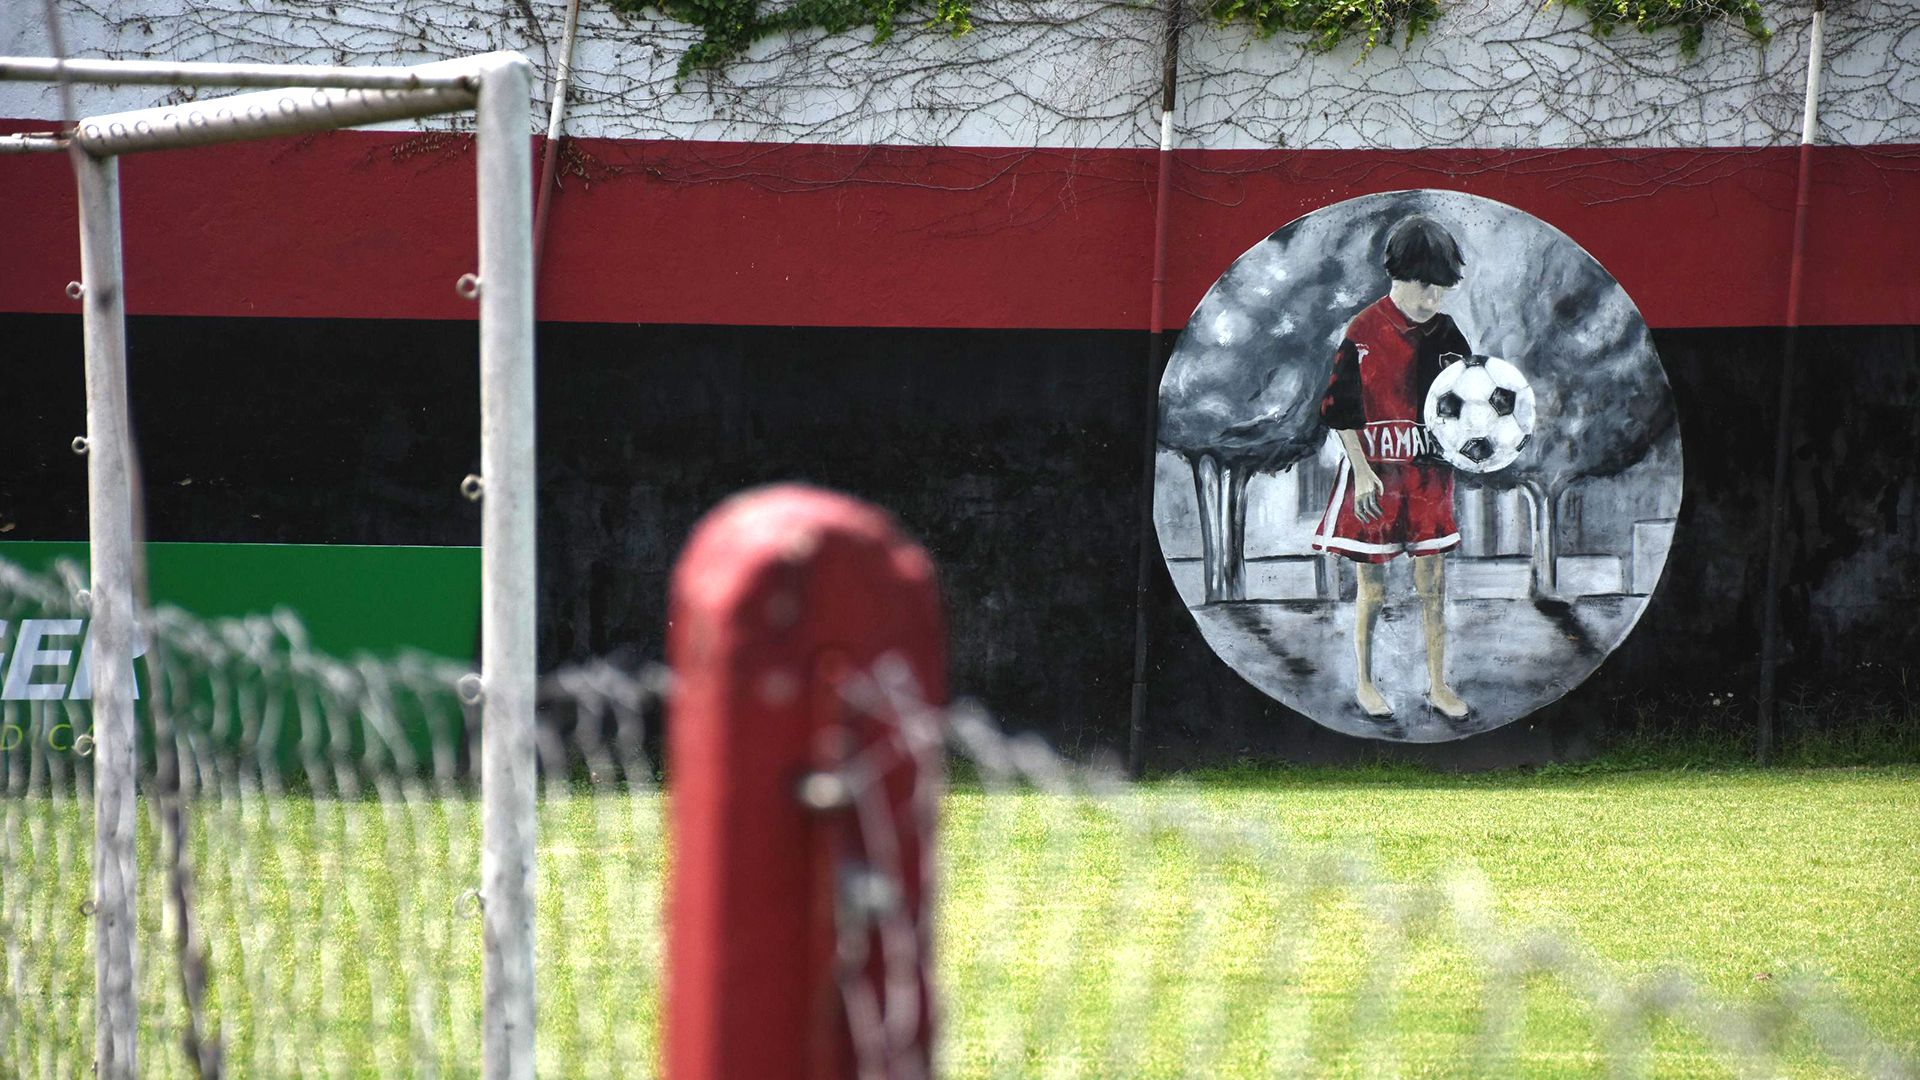 El mural con el Messi niño parece contemplar la canchita donde cientos de chicos pasan por allí soñando con ser Messi. (Leo Galletto)